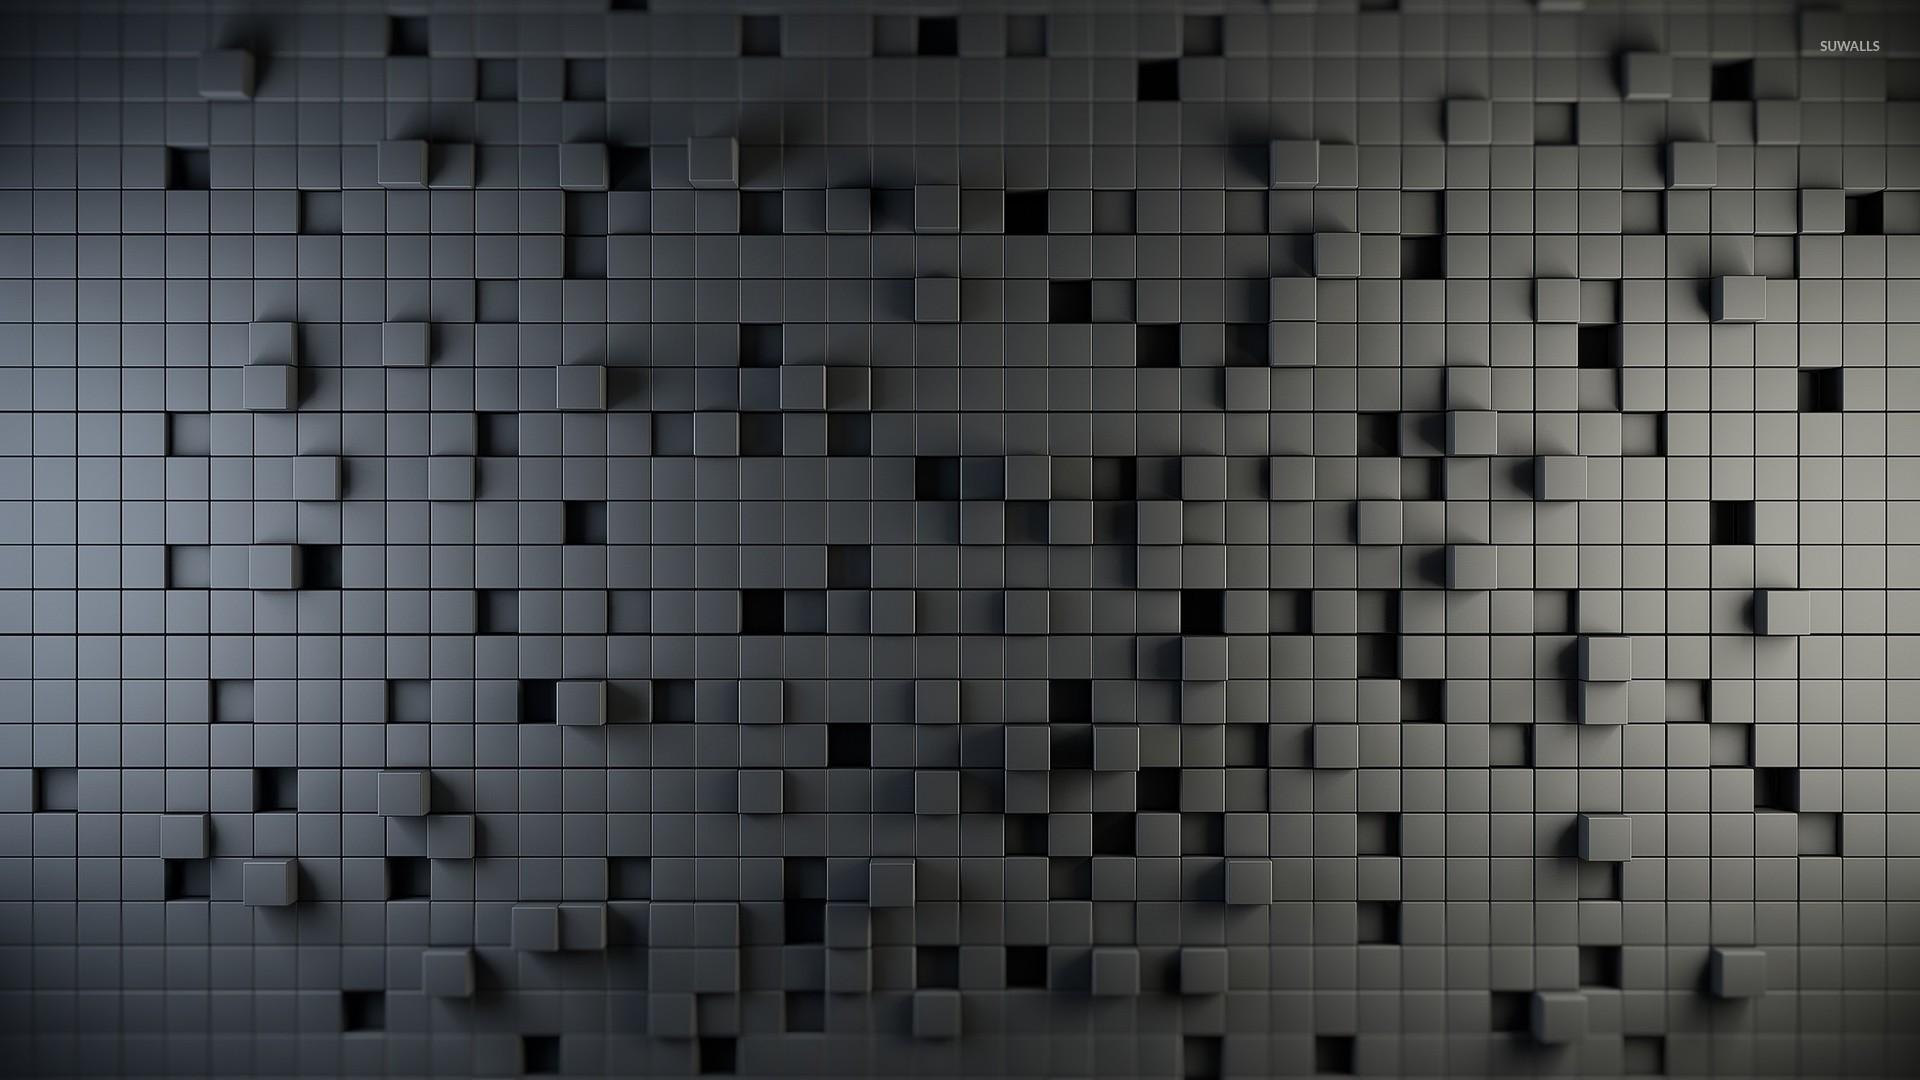 3d wallpaper for wall - wallpapersafari